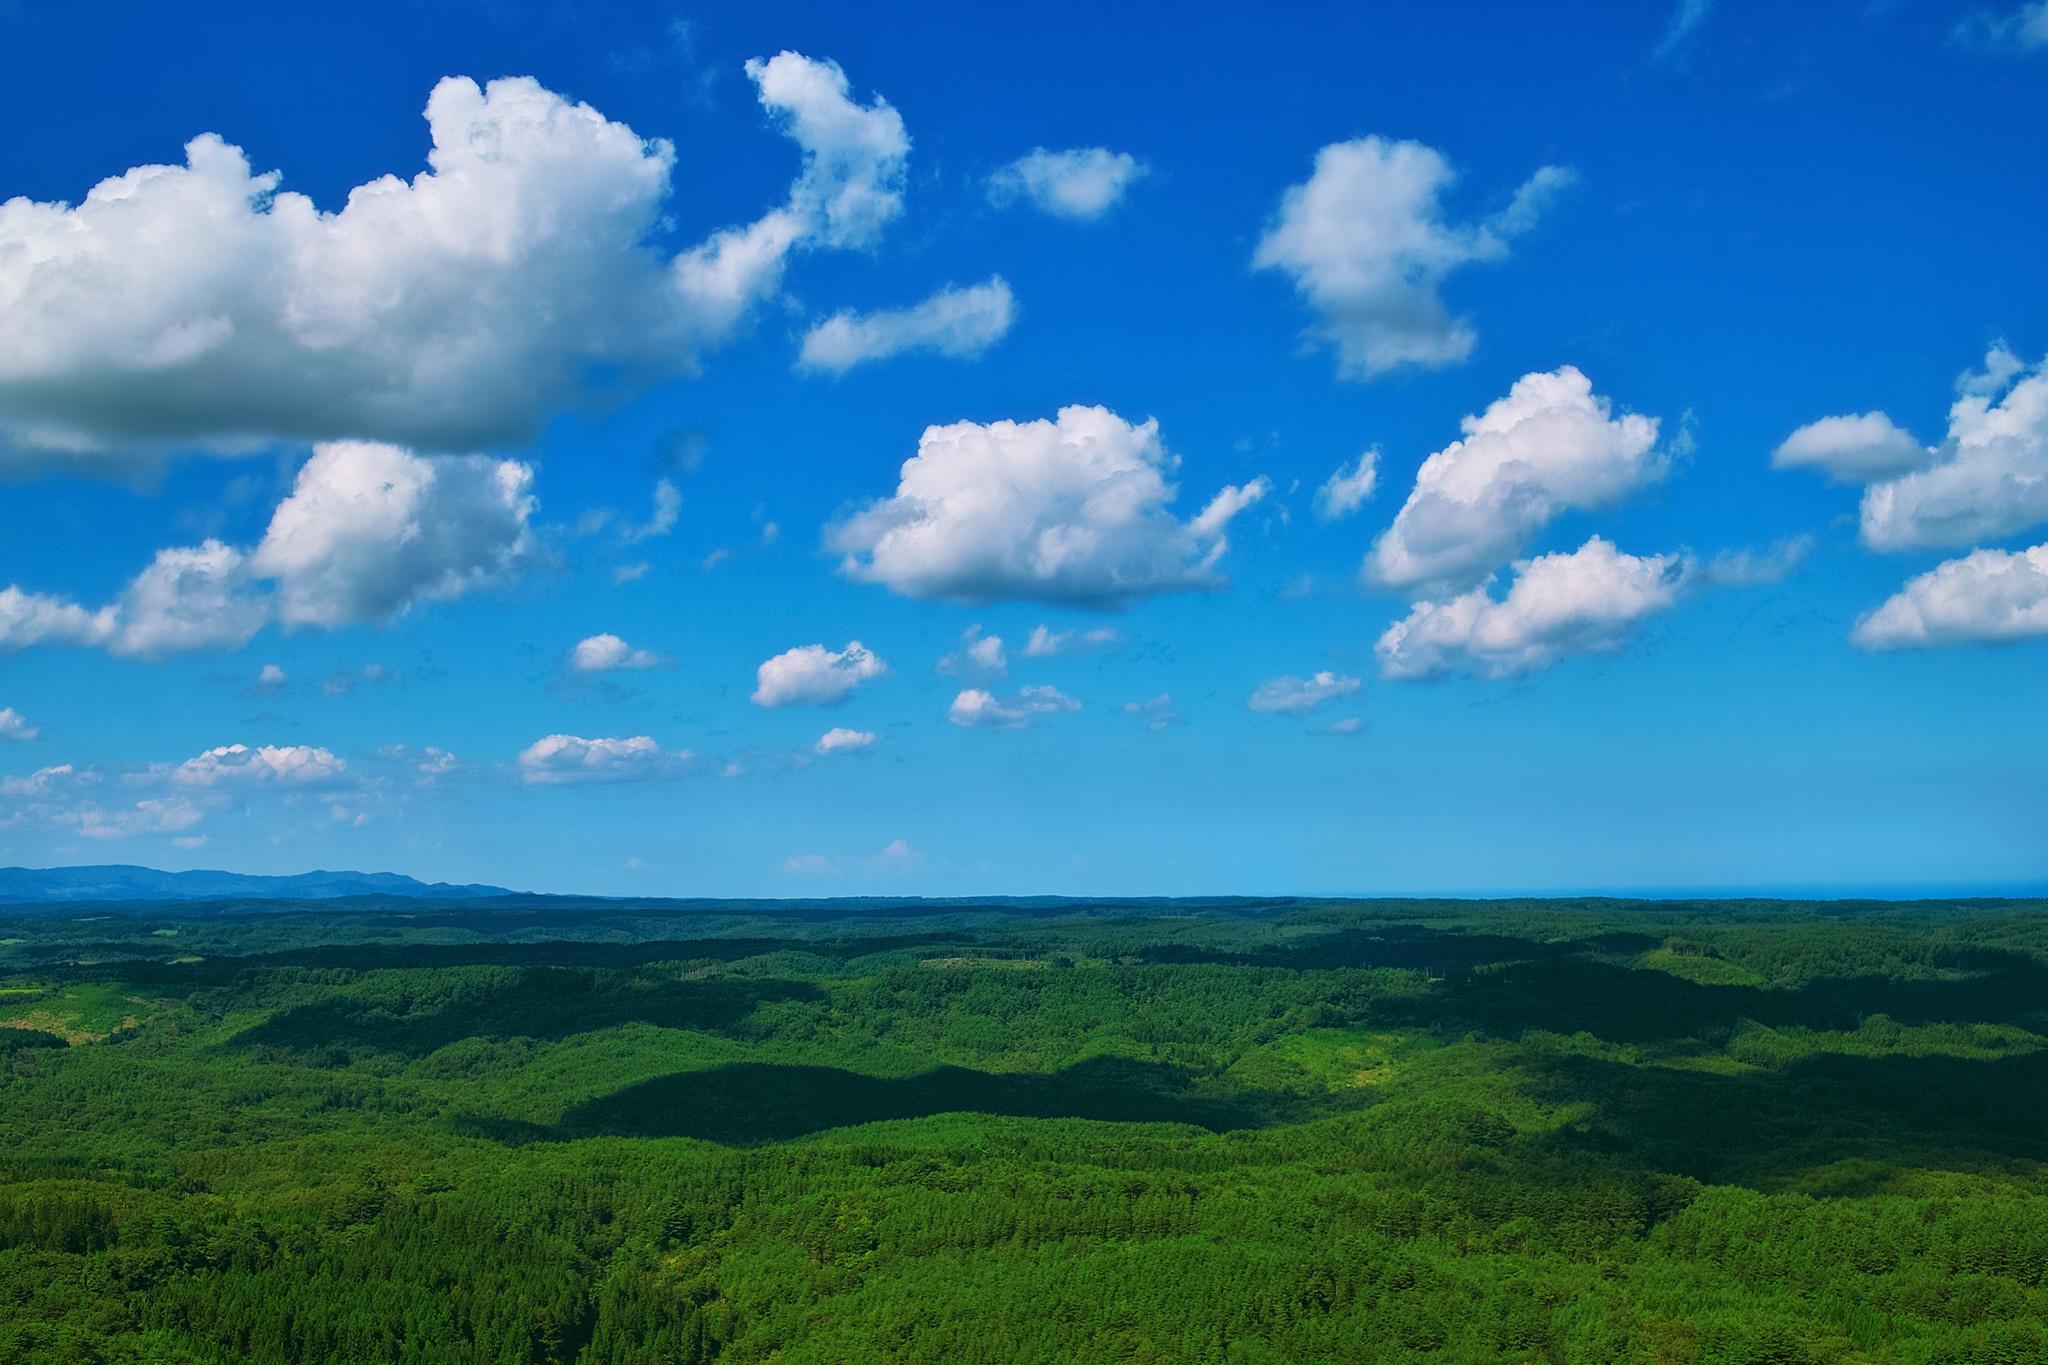 「広大な森と青空の風景」の画像を無料ダウンロード